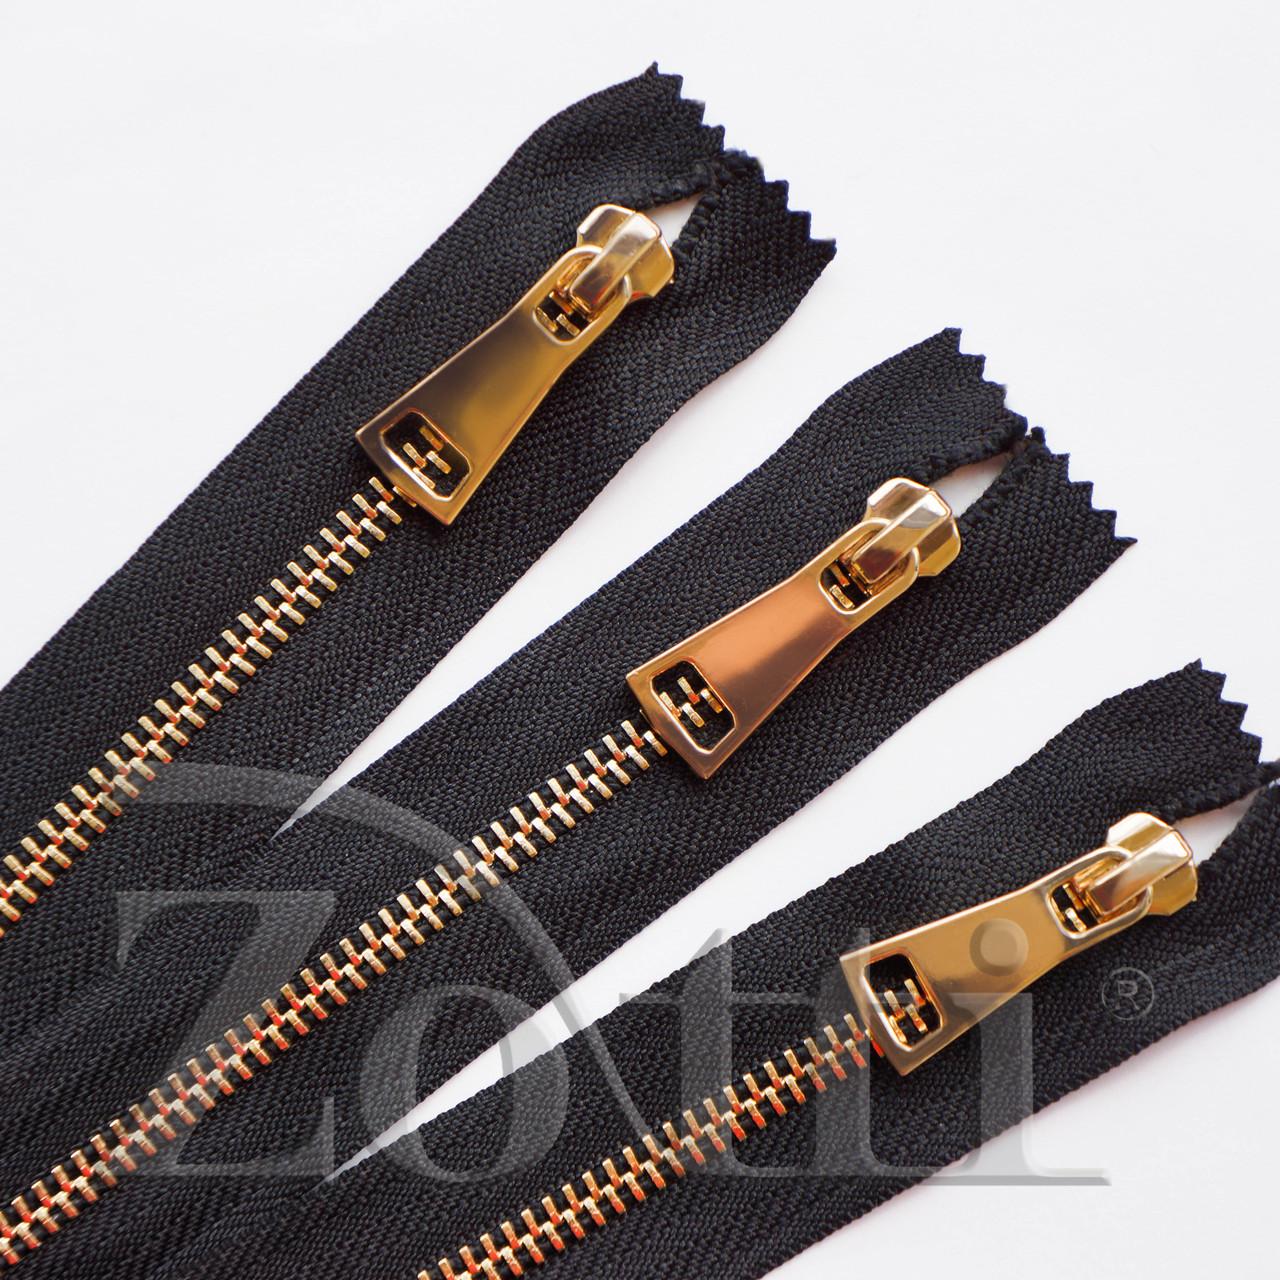 Молния (змейка,застежка) металлическая №5, размерная, обувная, черная, с золотым бегунком № 115 - 20 см